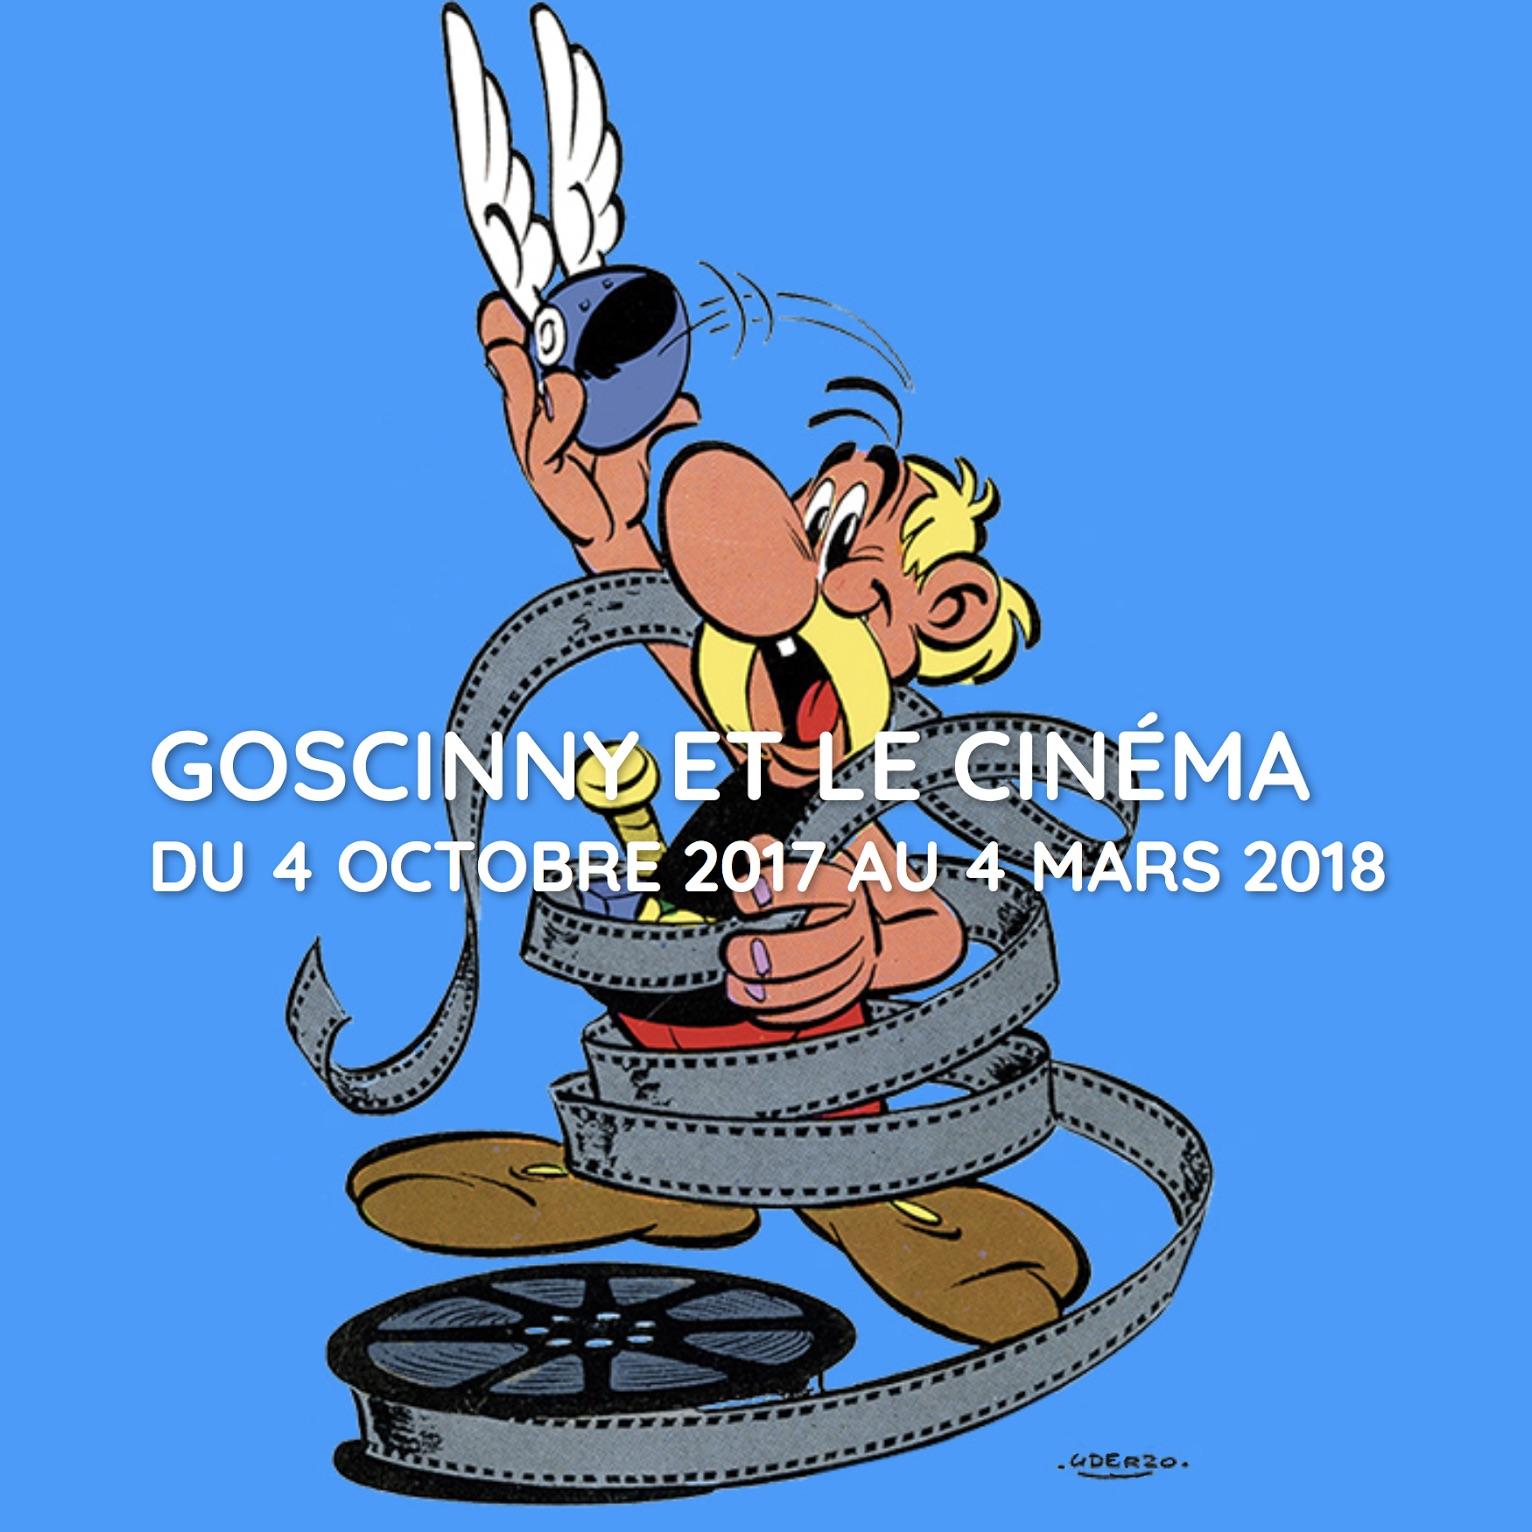 « Goscinny et le Cinéma » par Jean-Pierre Mercier et autres immanquables, dans l'agenda de décembre.